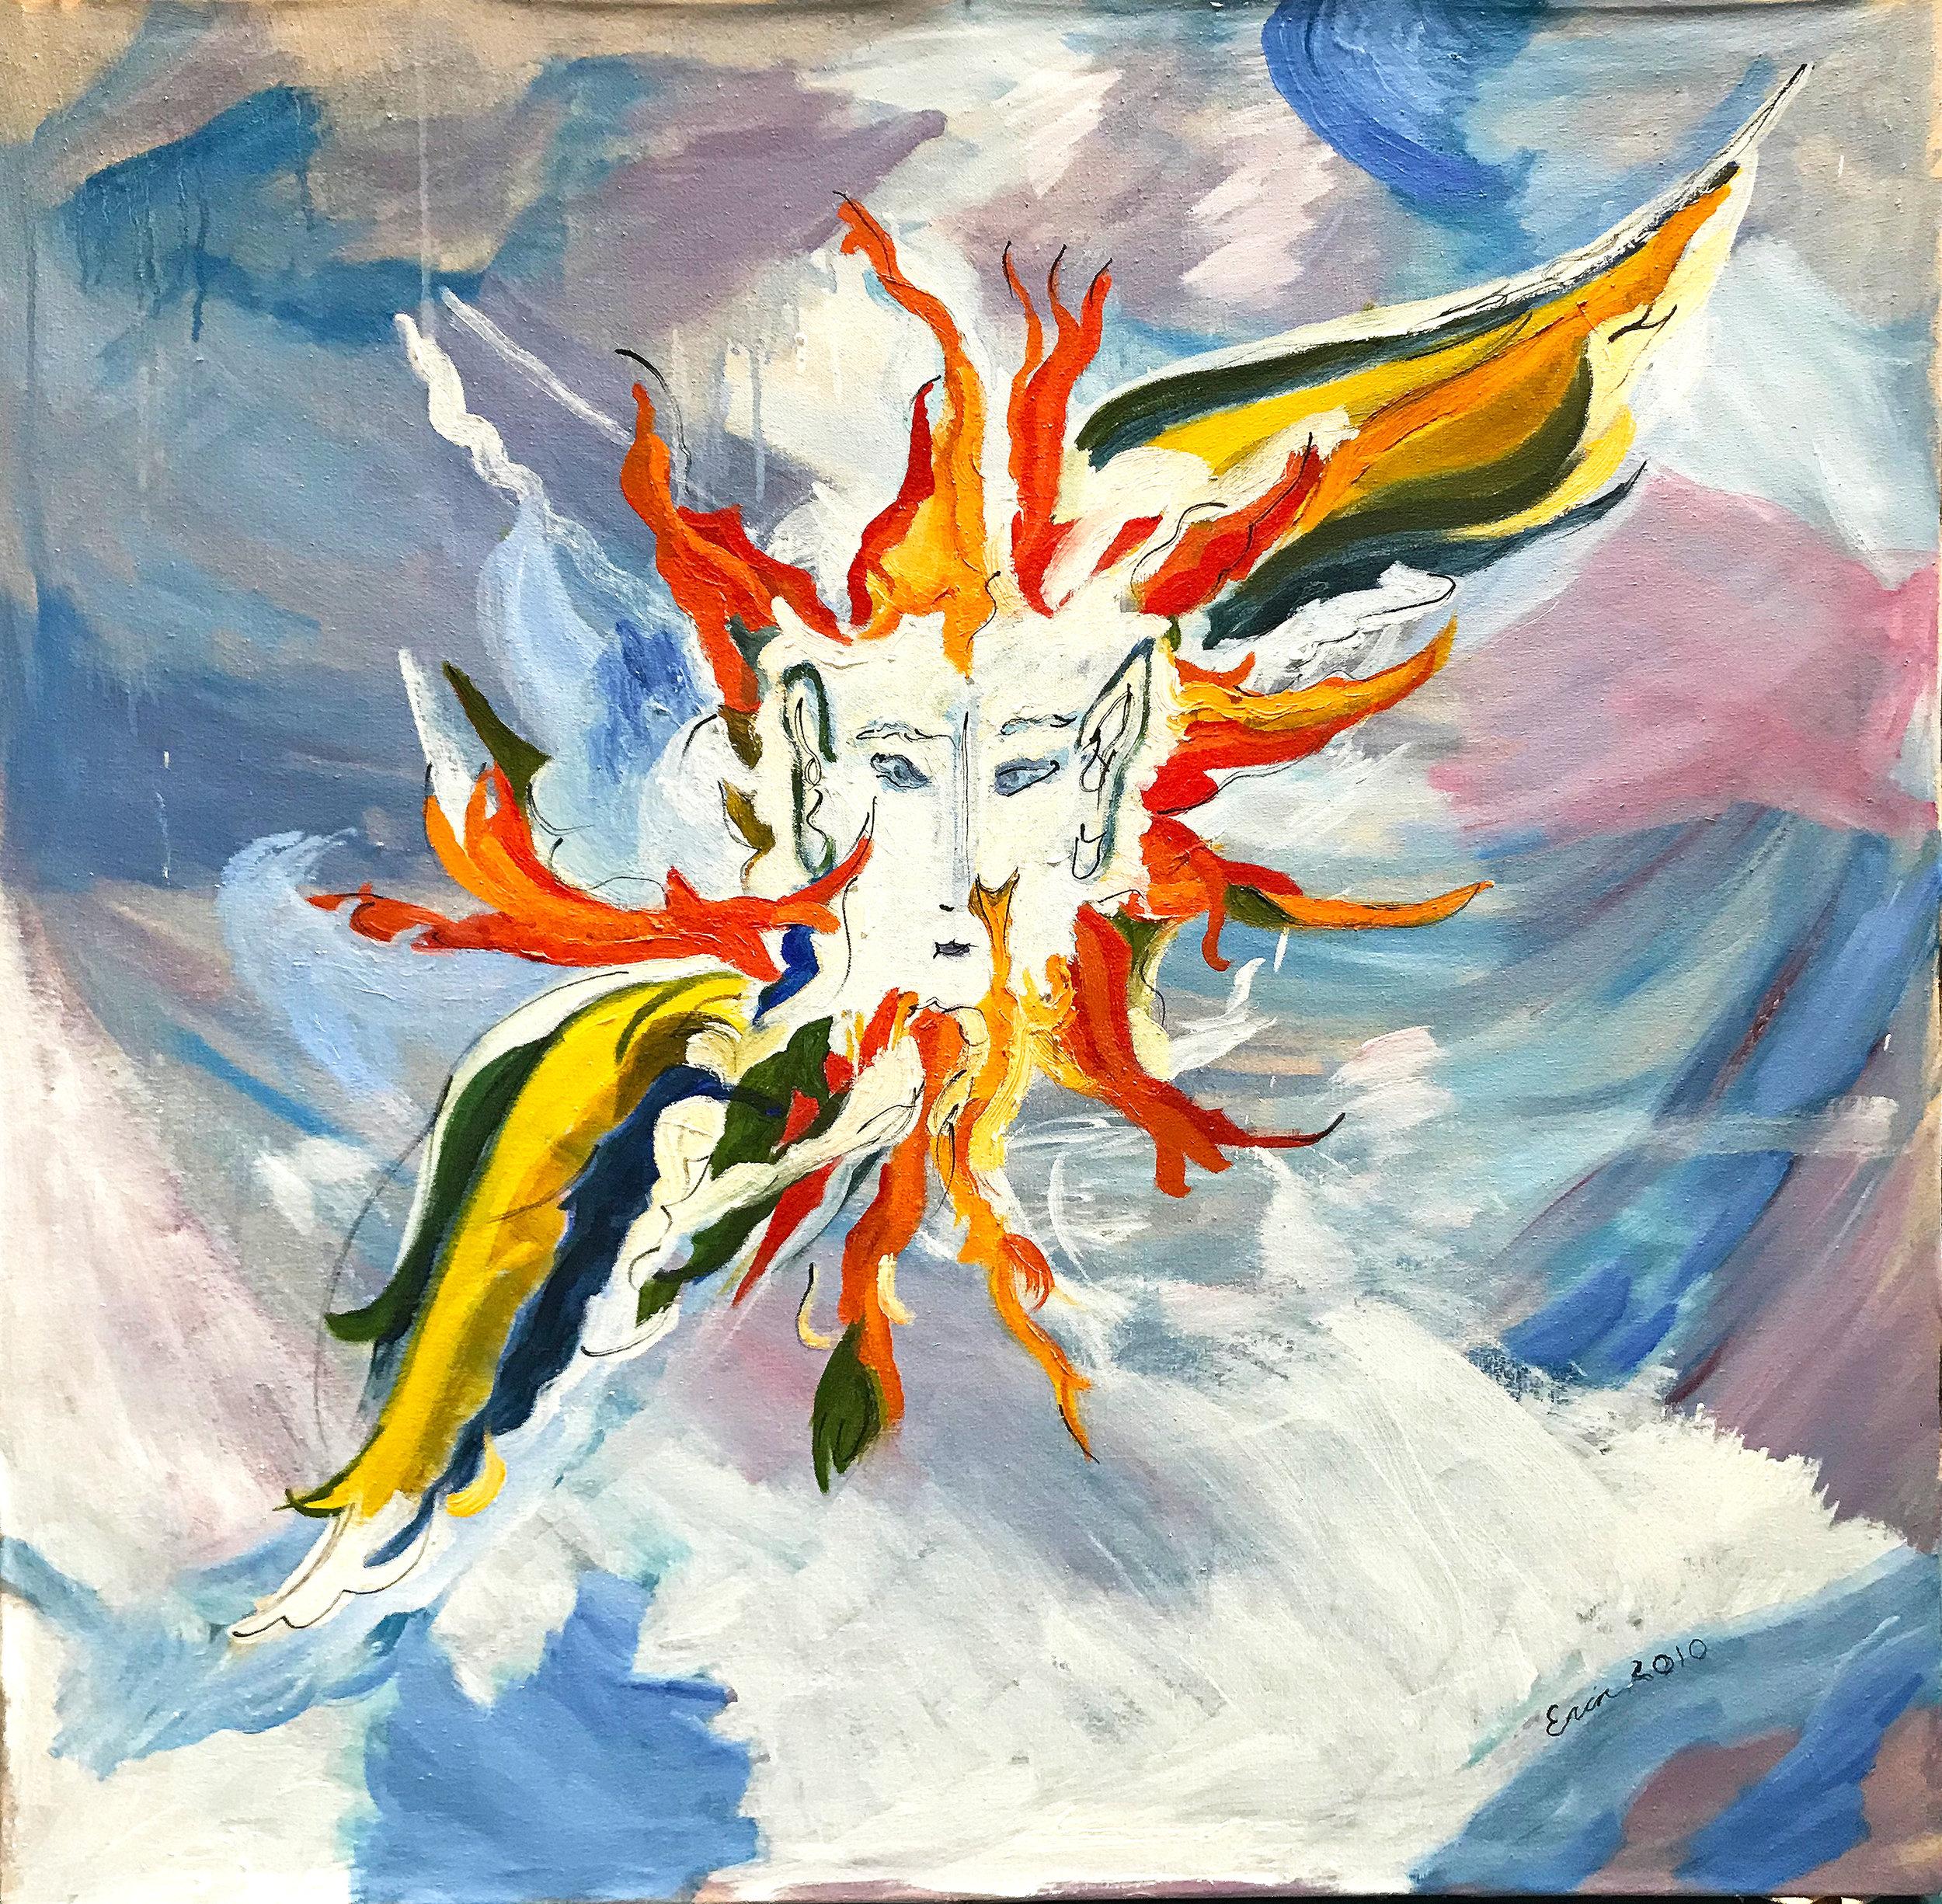 Seraphim  by Erin Matson. © Erin Matson 2010.